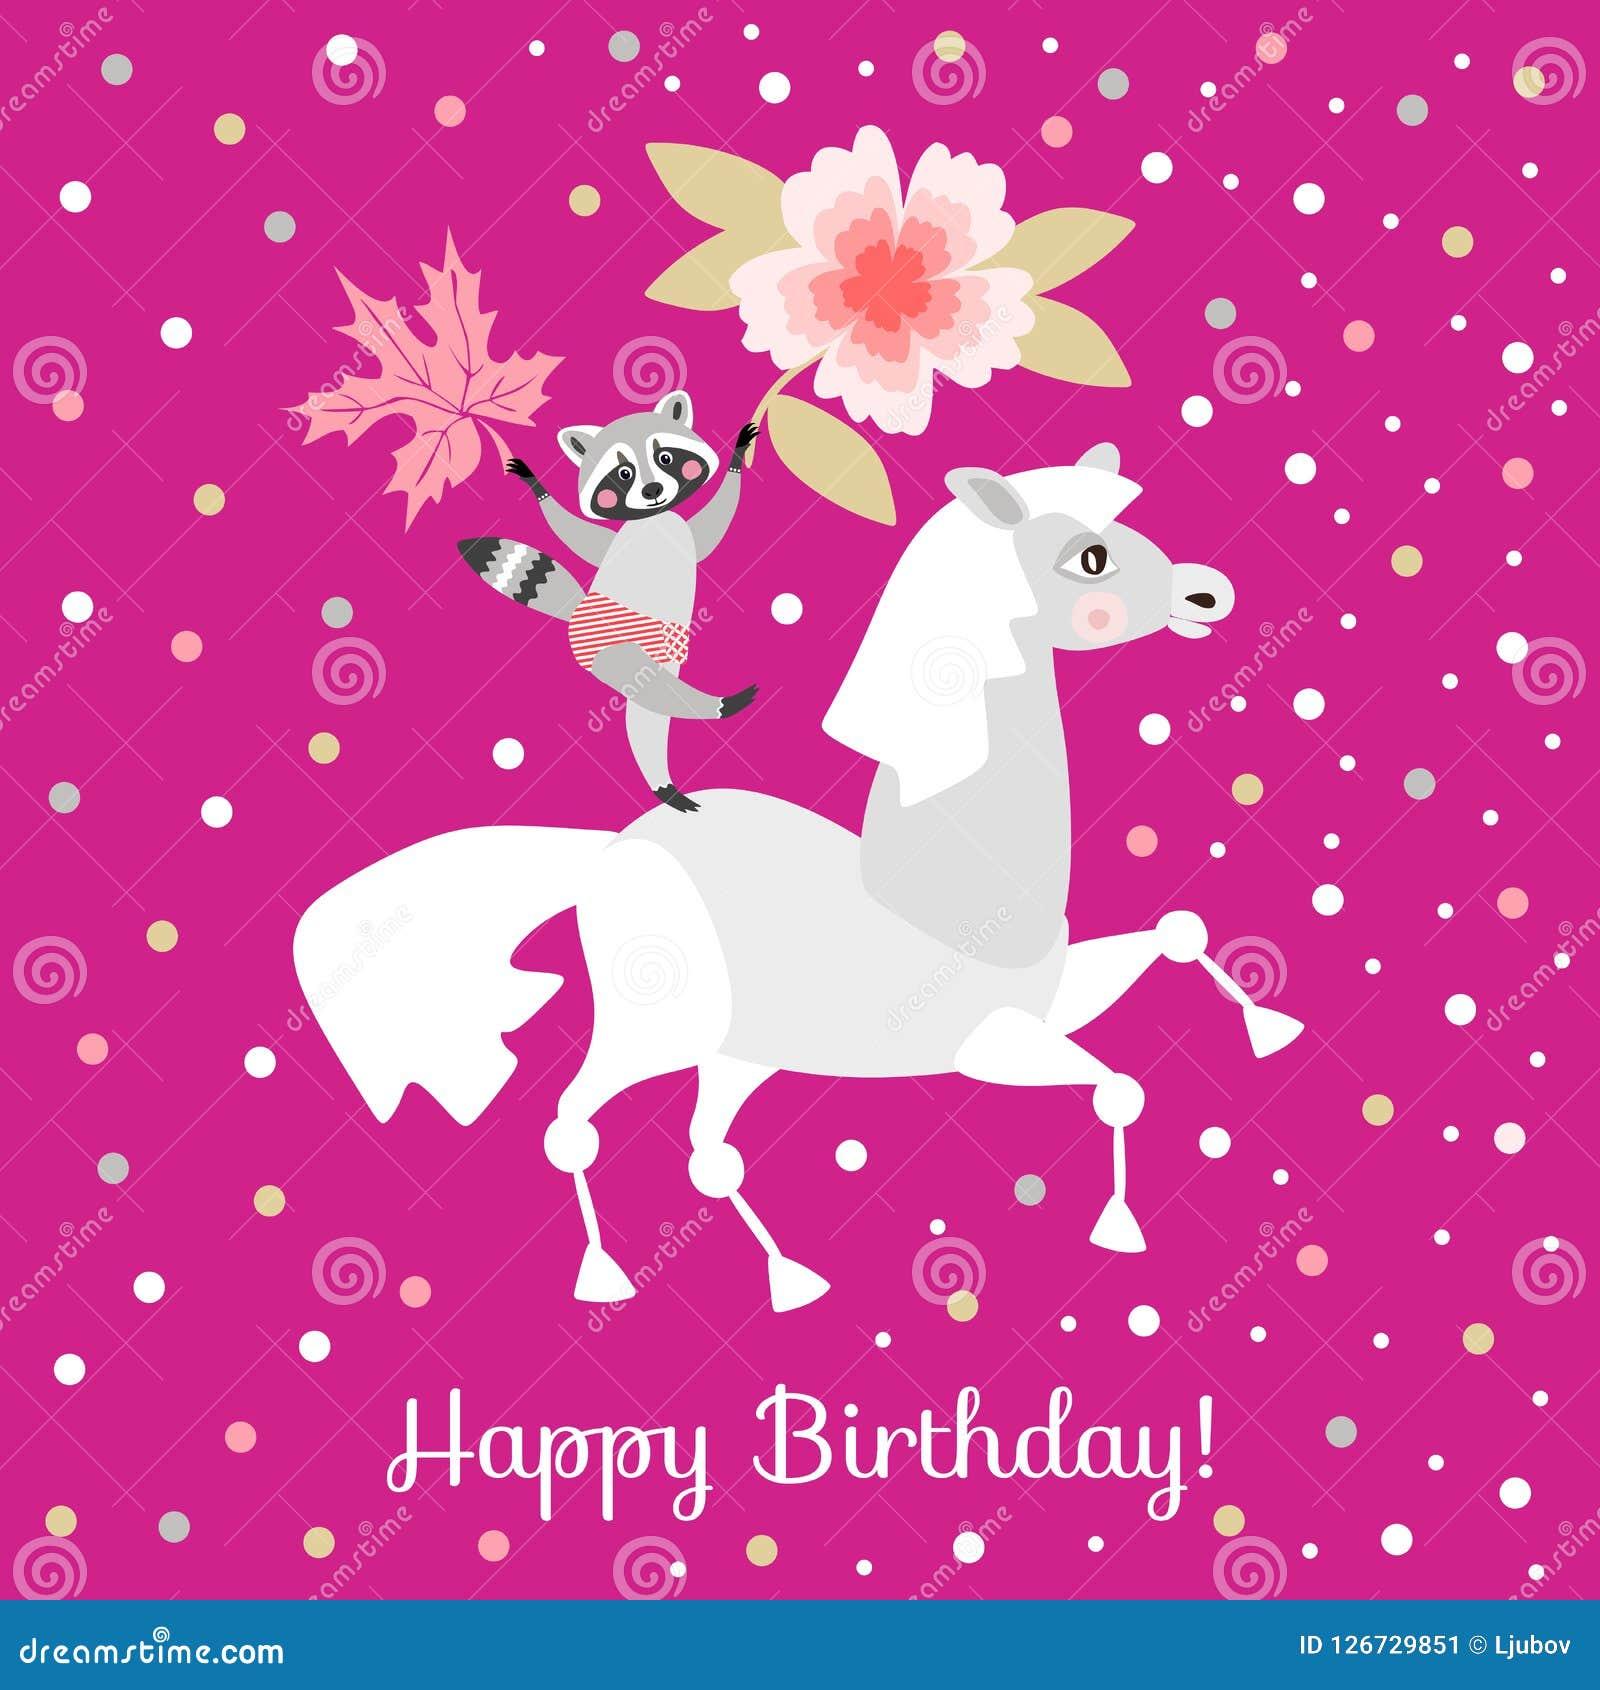 https://thumbs.dreamstime.com/z/joyeux-anniversaire-cheval-dr%C3%B4le-avec-le-cavalier-raton-laveur-la-feuille-de-fleur-et-d-%C3%A9rable-126729851.jpg